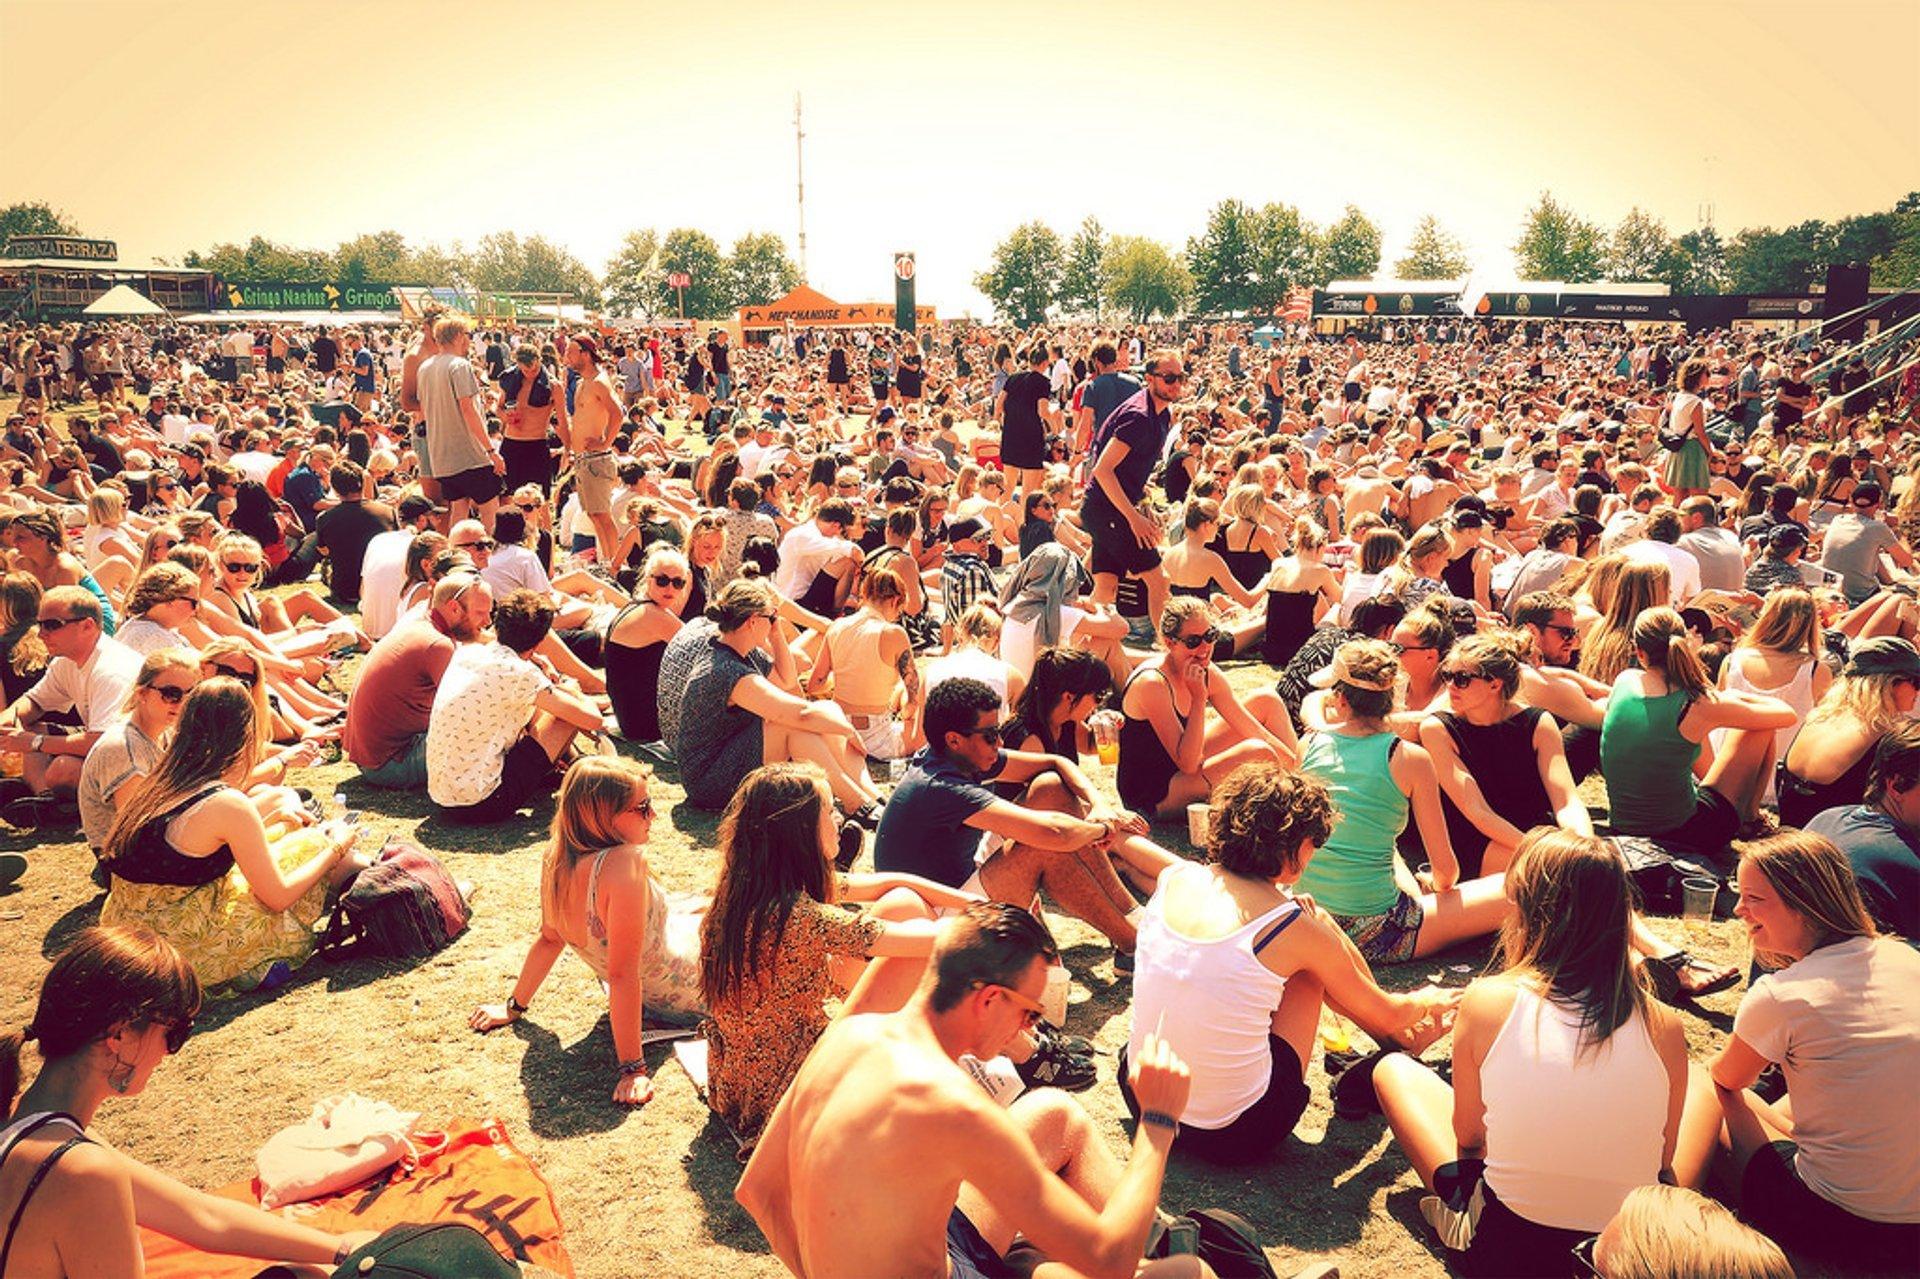 Roskilde Festival in Denmark - Best Season 2020